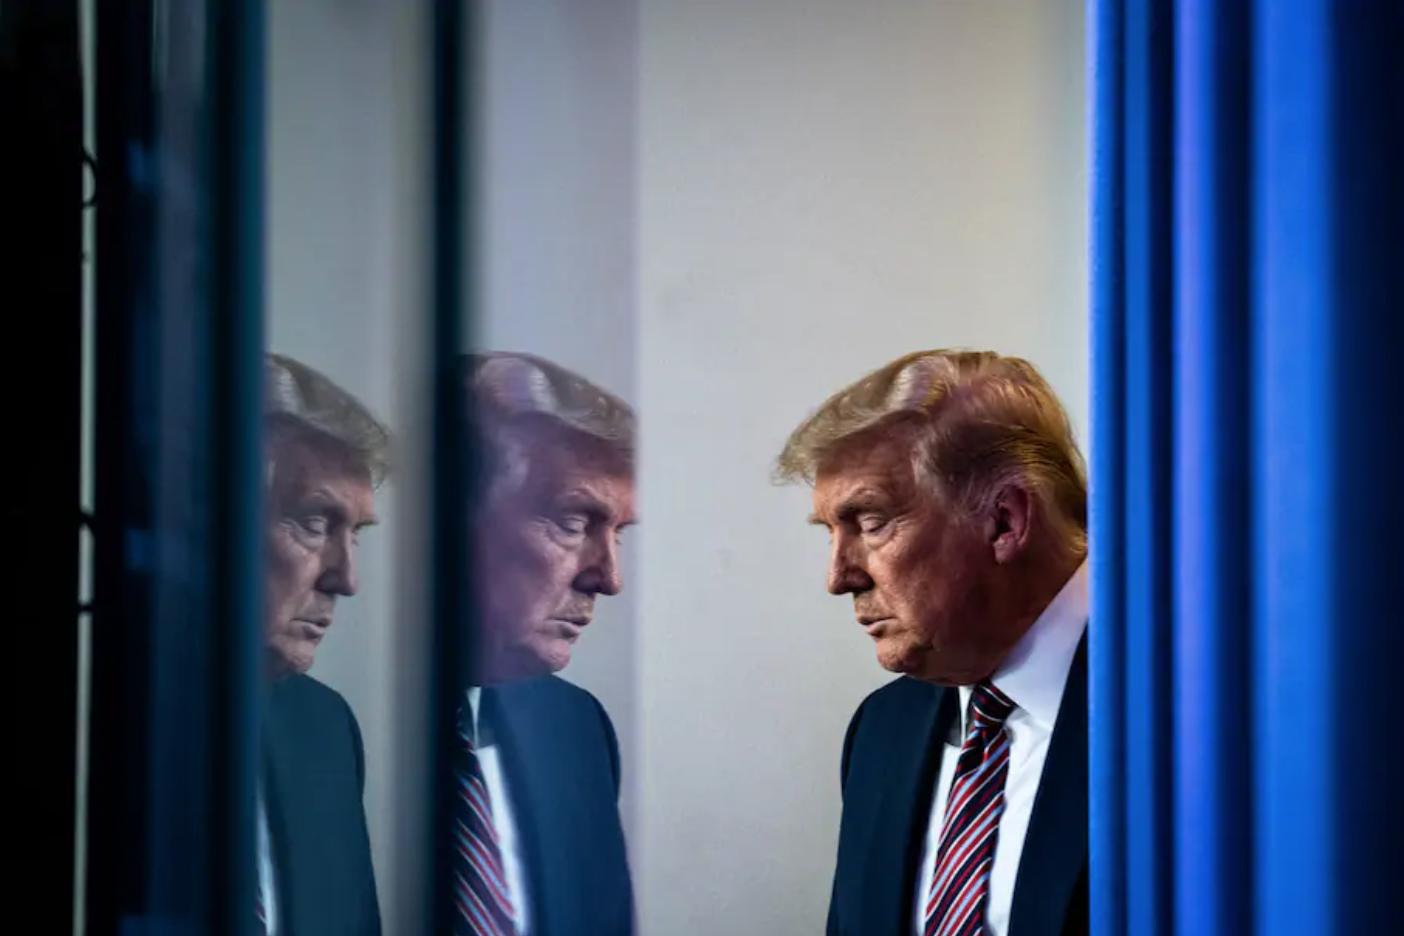 Tổng thống Trump tại Nhà Trắng hôm 21/11. Ảnh: Washington Post.